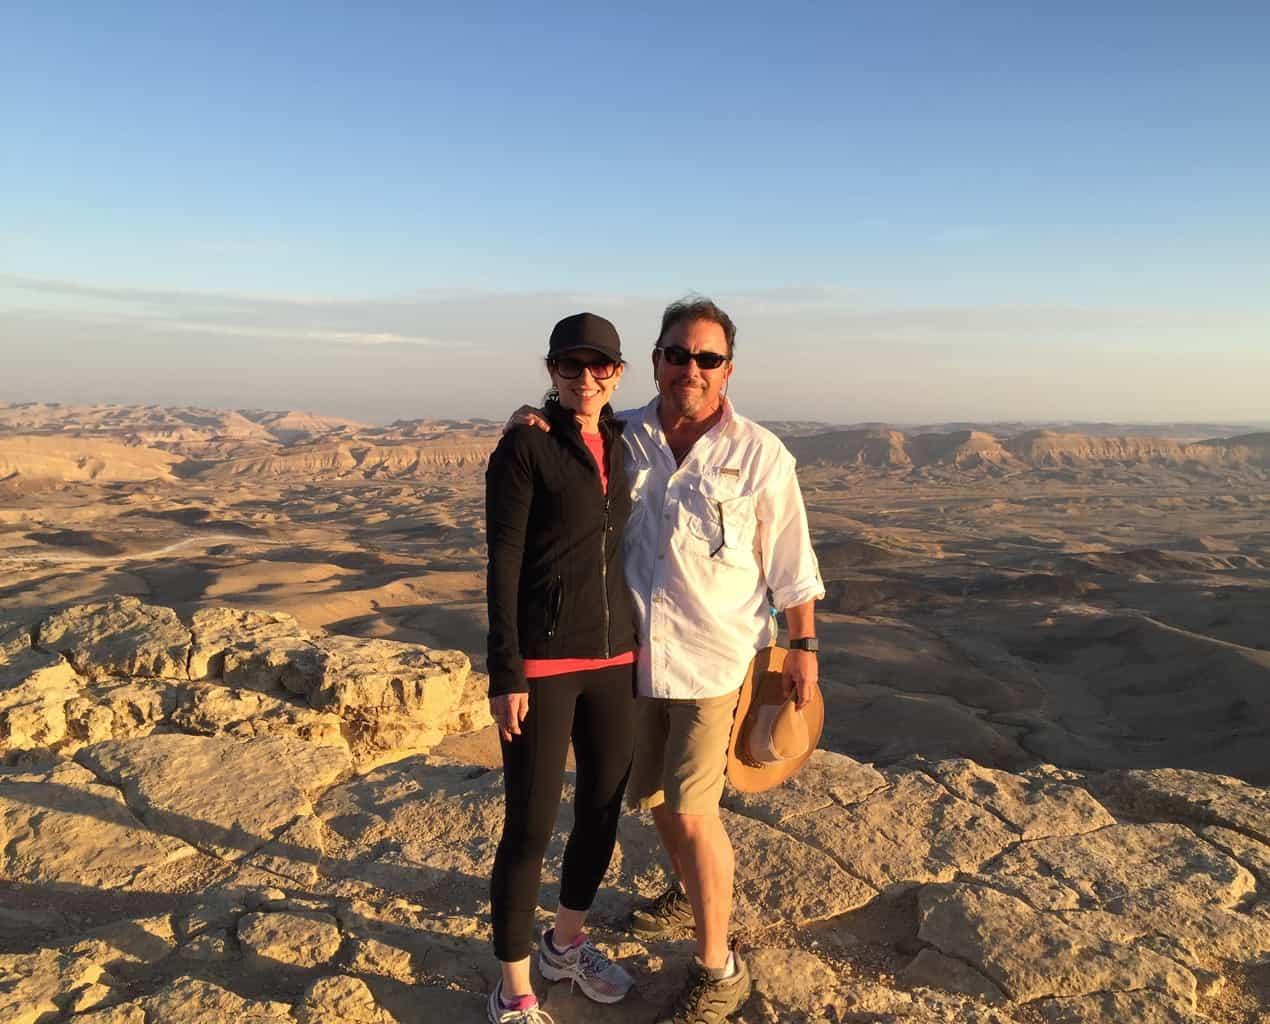 my-israel-story-9-shep-fargotstein